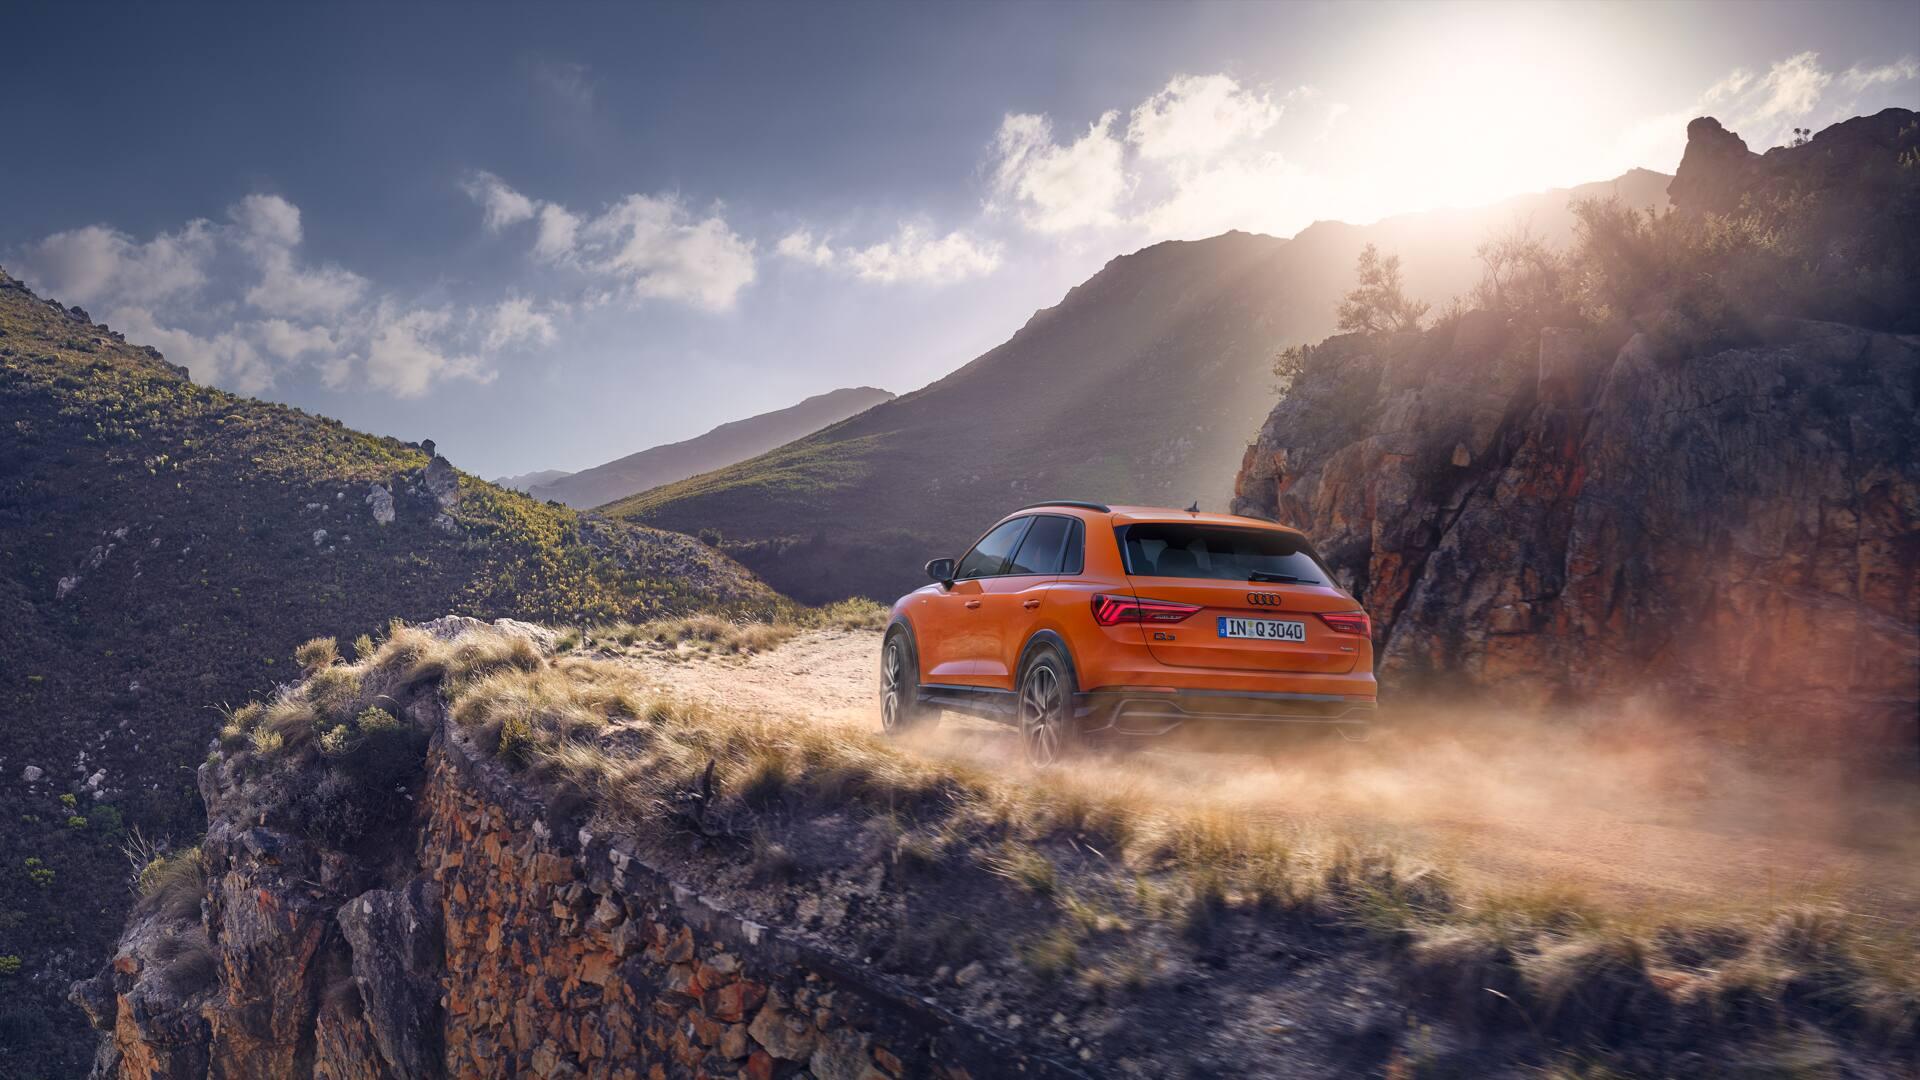 Η δυναμική οδήγησης του νέου Audi Q3